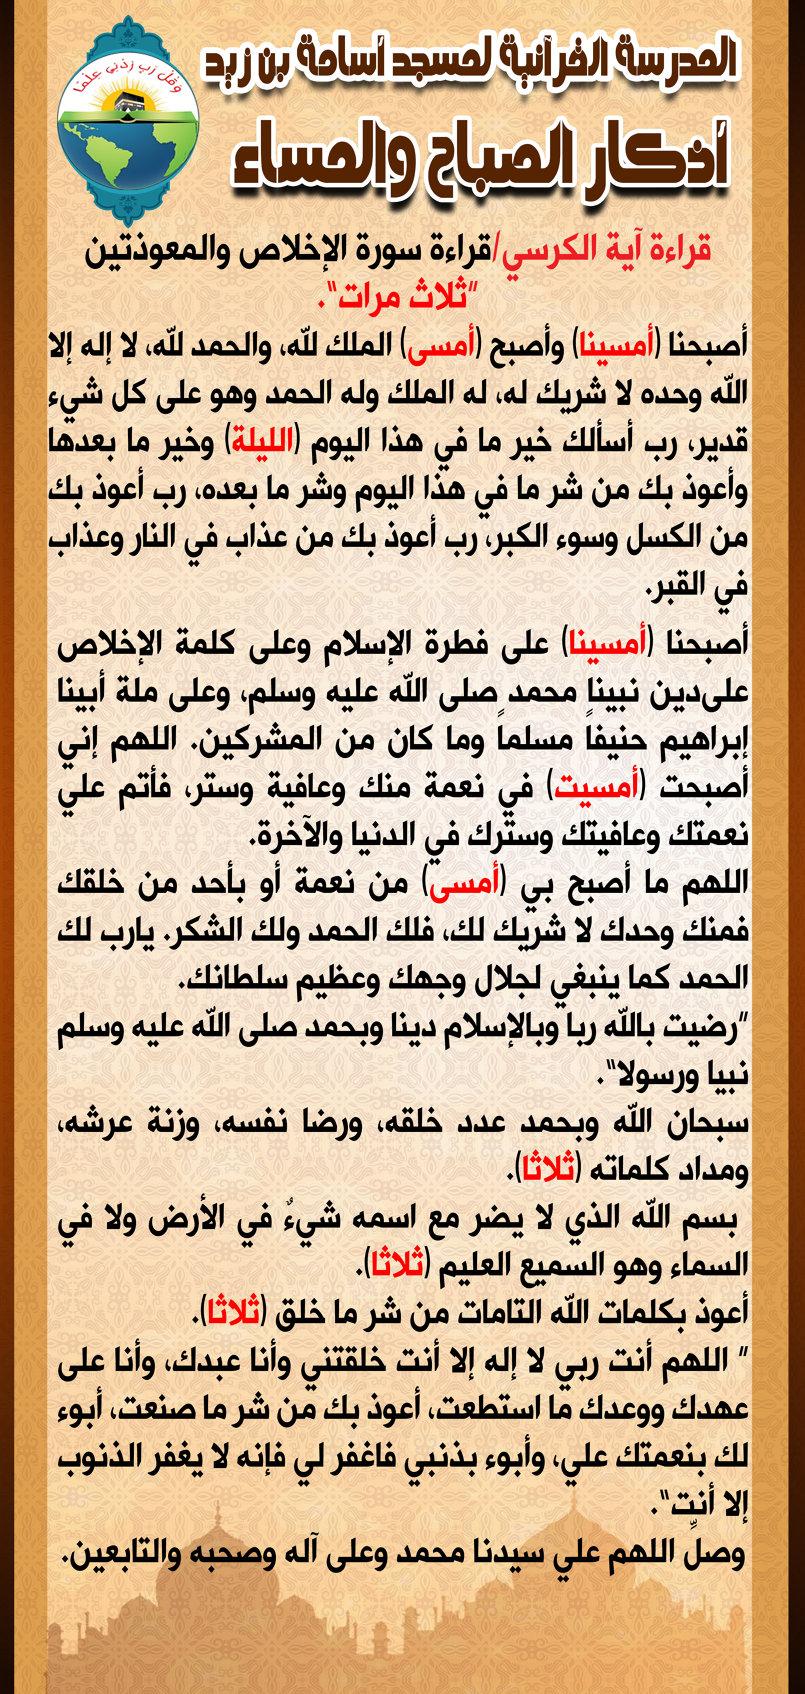 بانر أذكار الصباح والمساء من تصميم Nasser Nasser- UgHLh439629